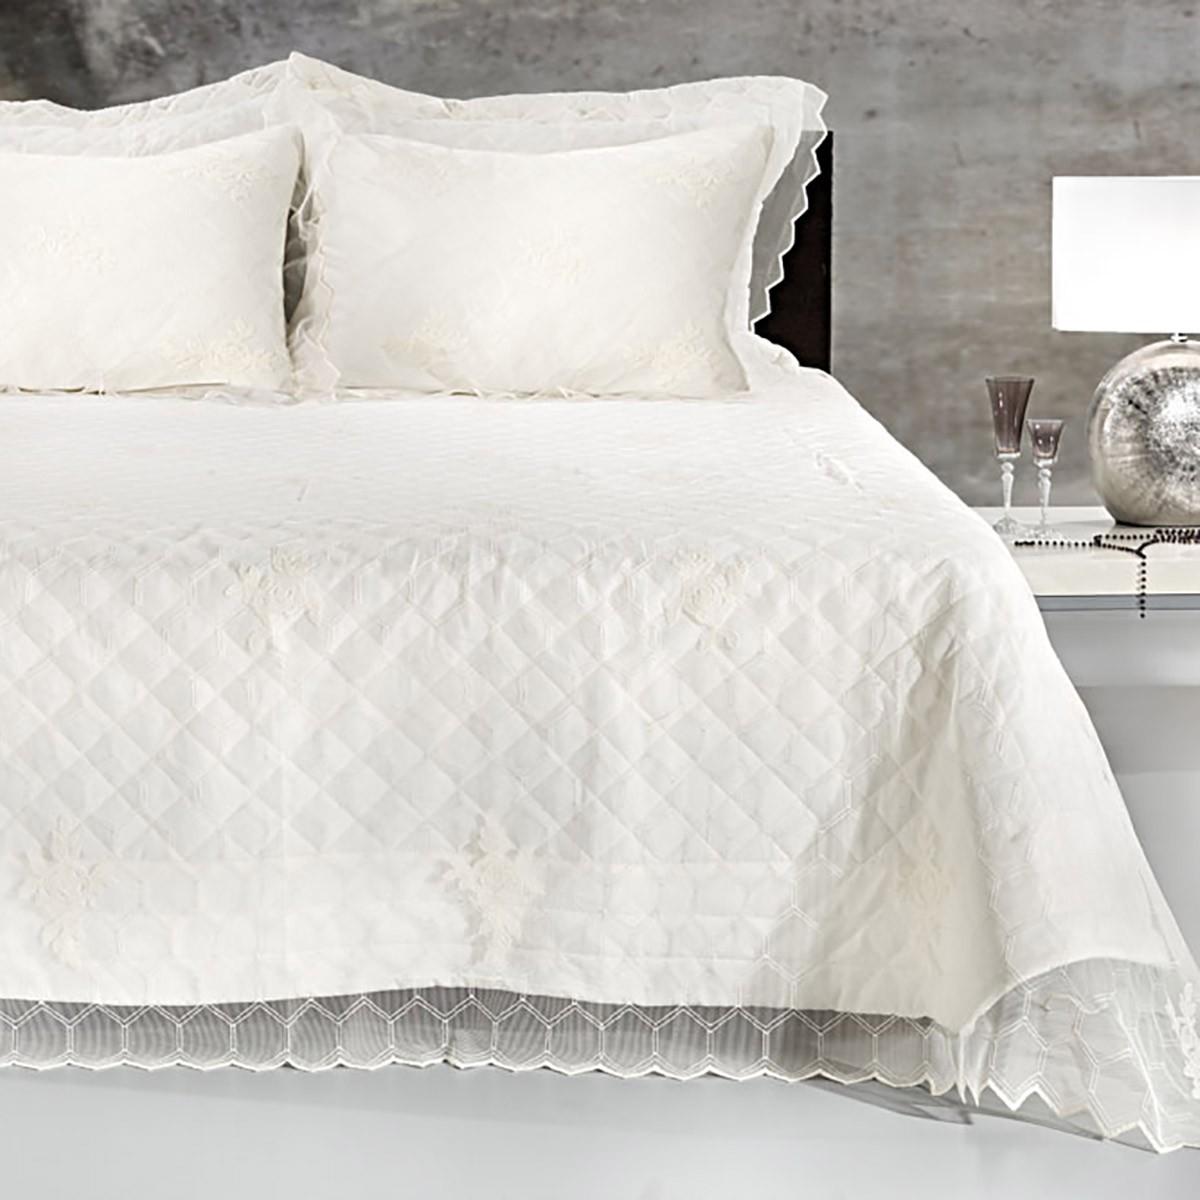 Νυφικό Κουβερλί (Σετ 6τμχ) Guy Laroche Romantic Ivory home   μόδα γάμου   κουβερλί νυφικά